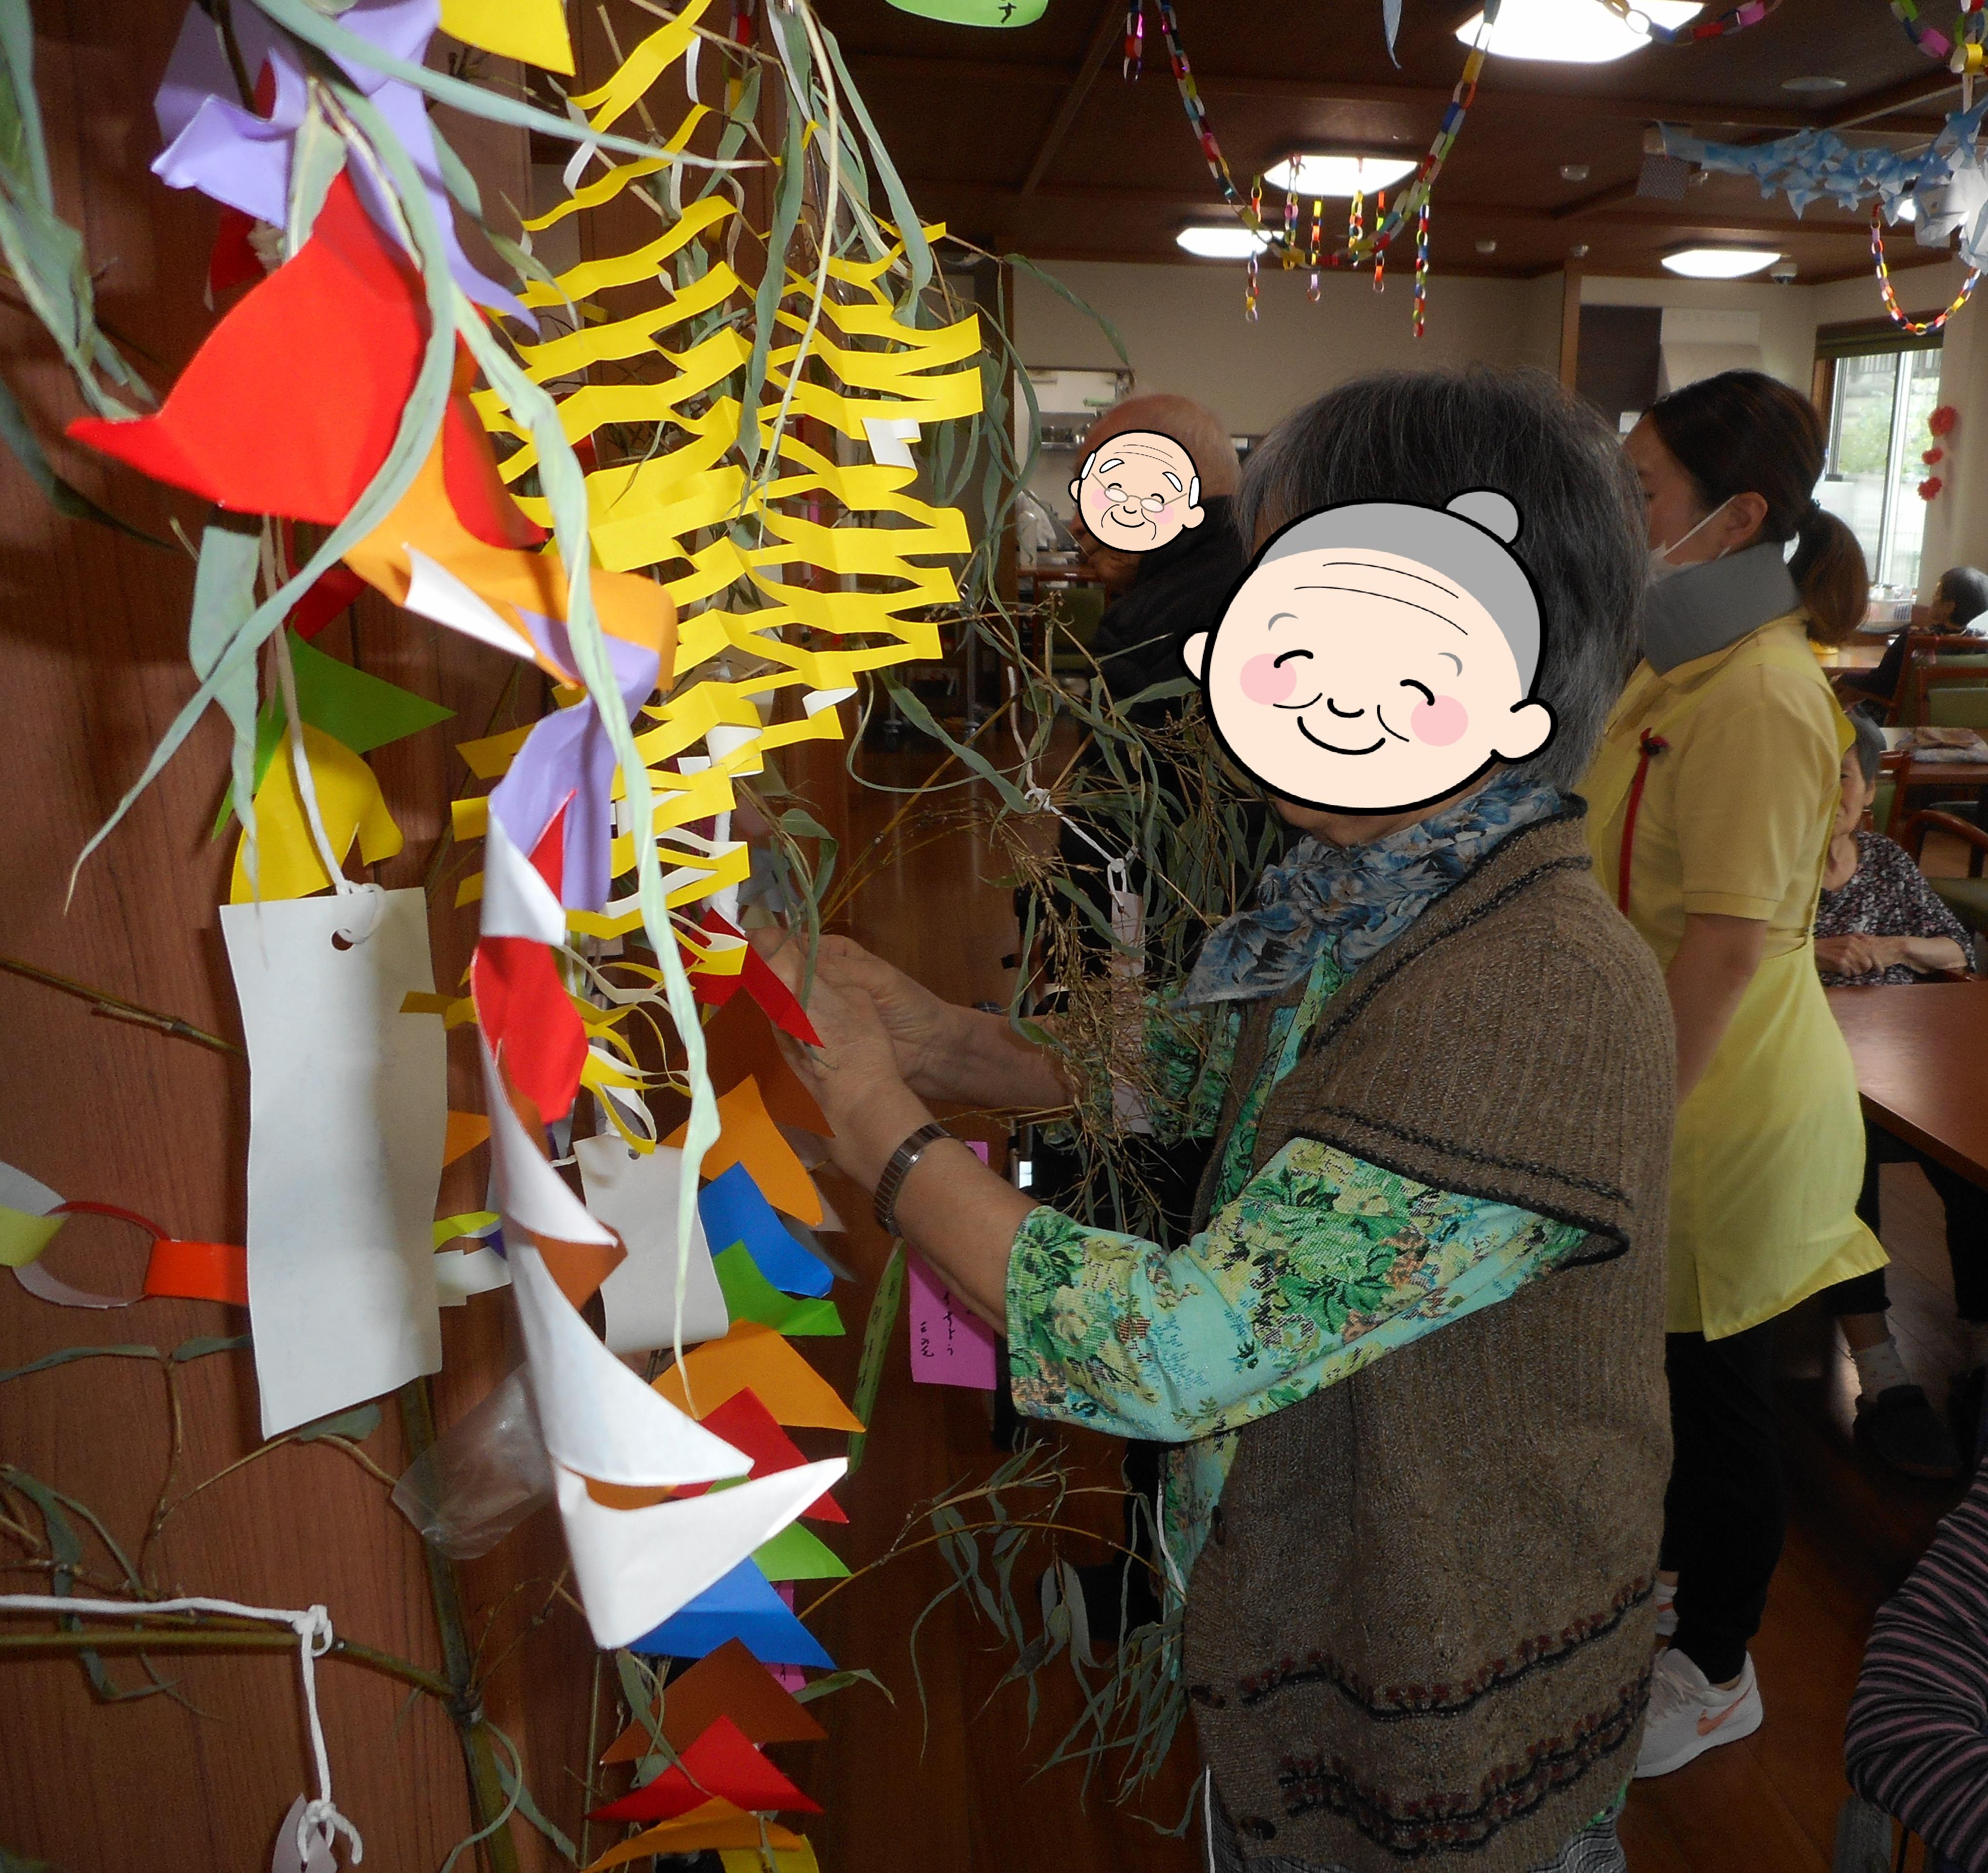 七夕祭り (介護付有料老人ホームゆたか)